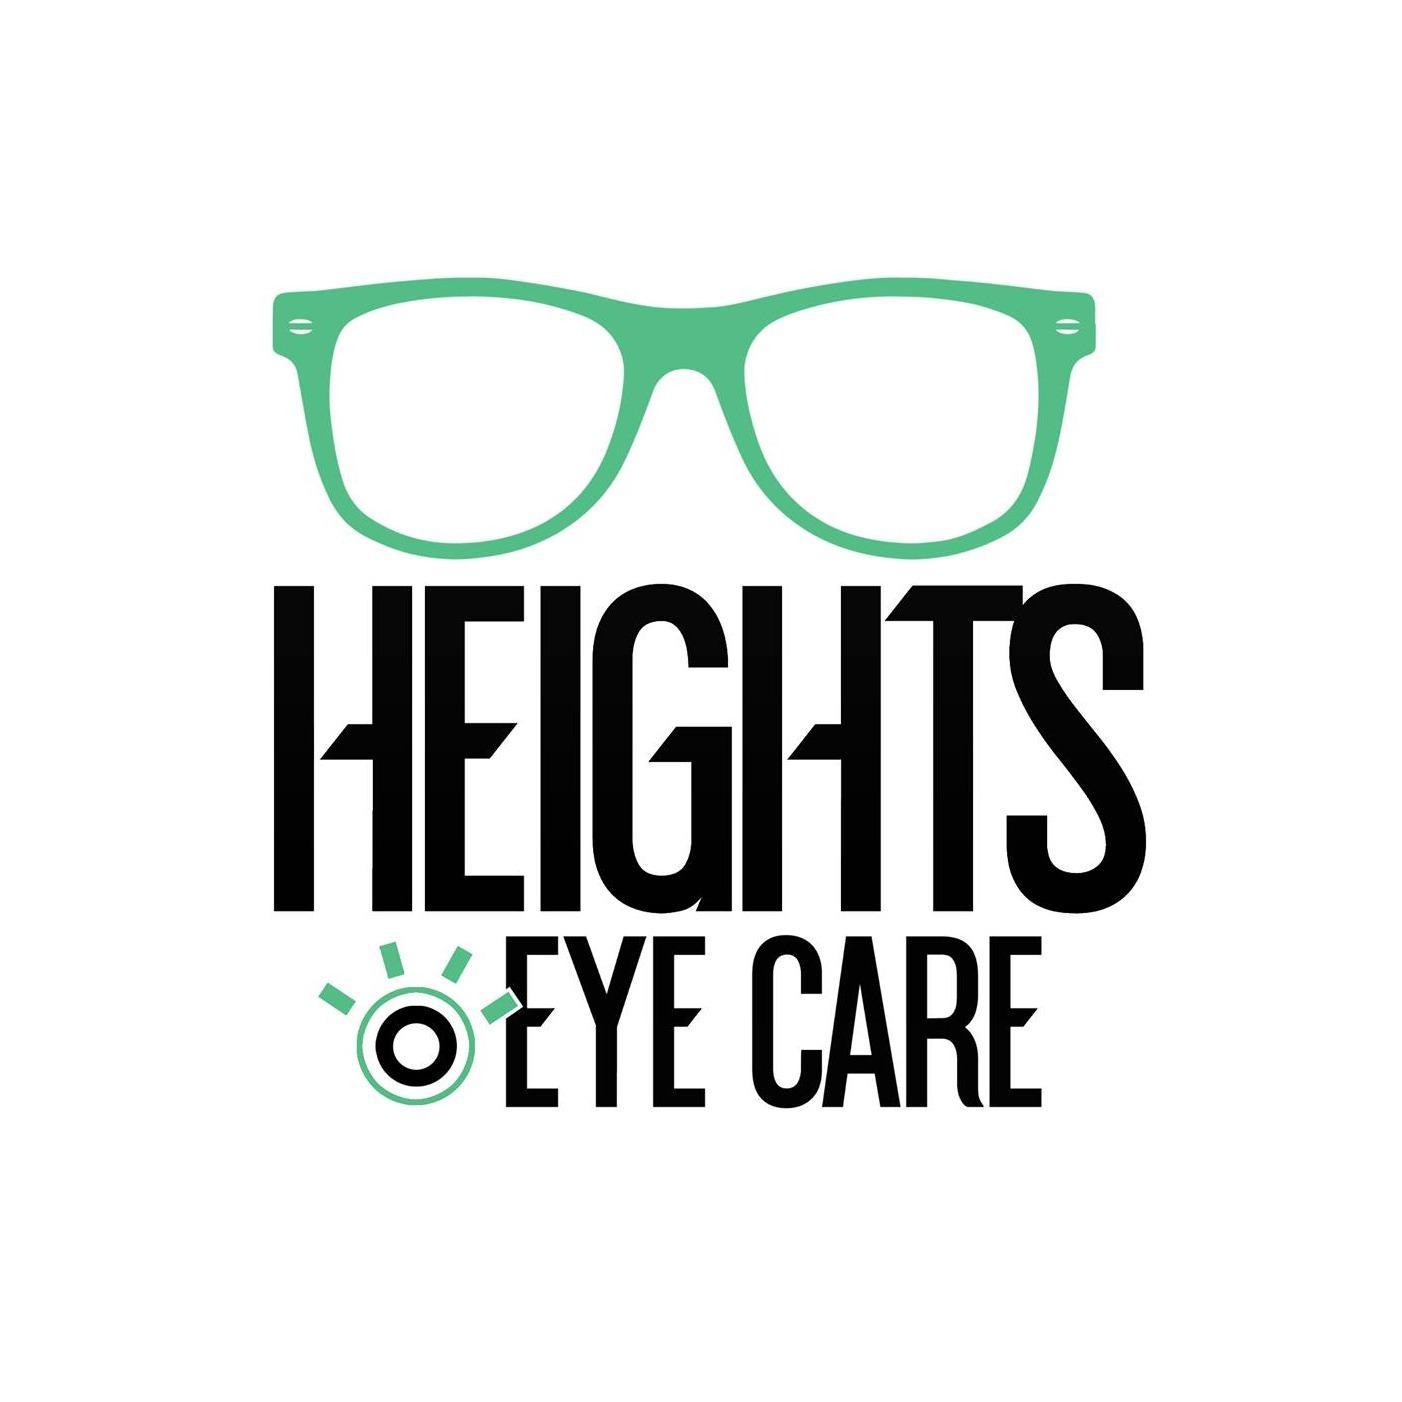 Heights Eye Care